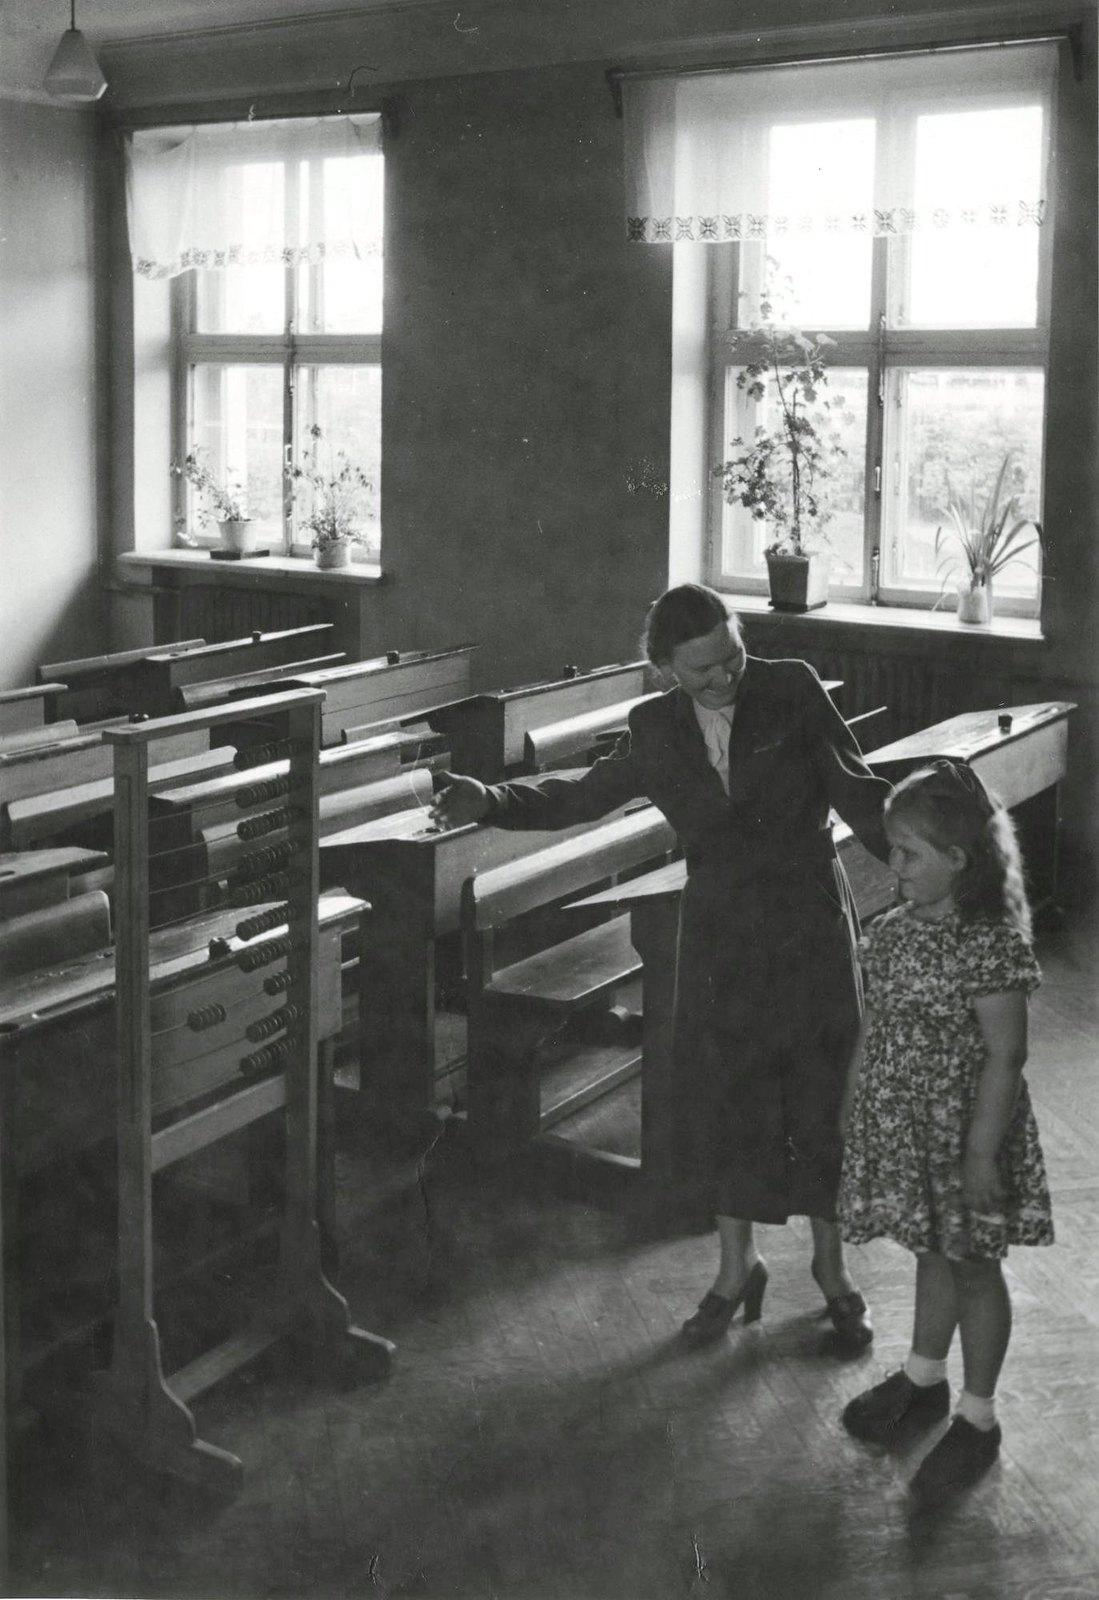 1950. Вот твой класс, твоя парта. Здесь ты будешь учиться, - говорит педагог будущей первокласснице